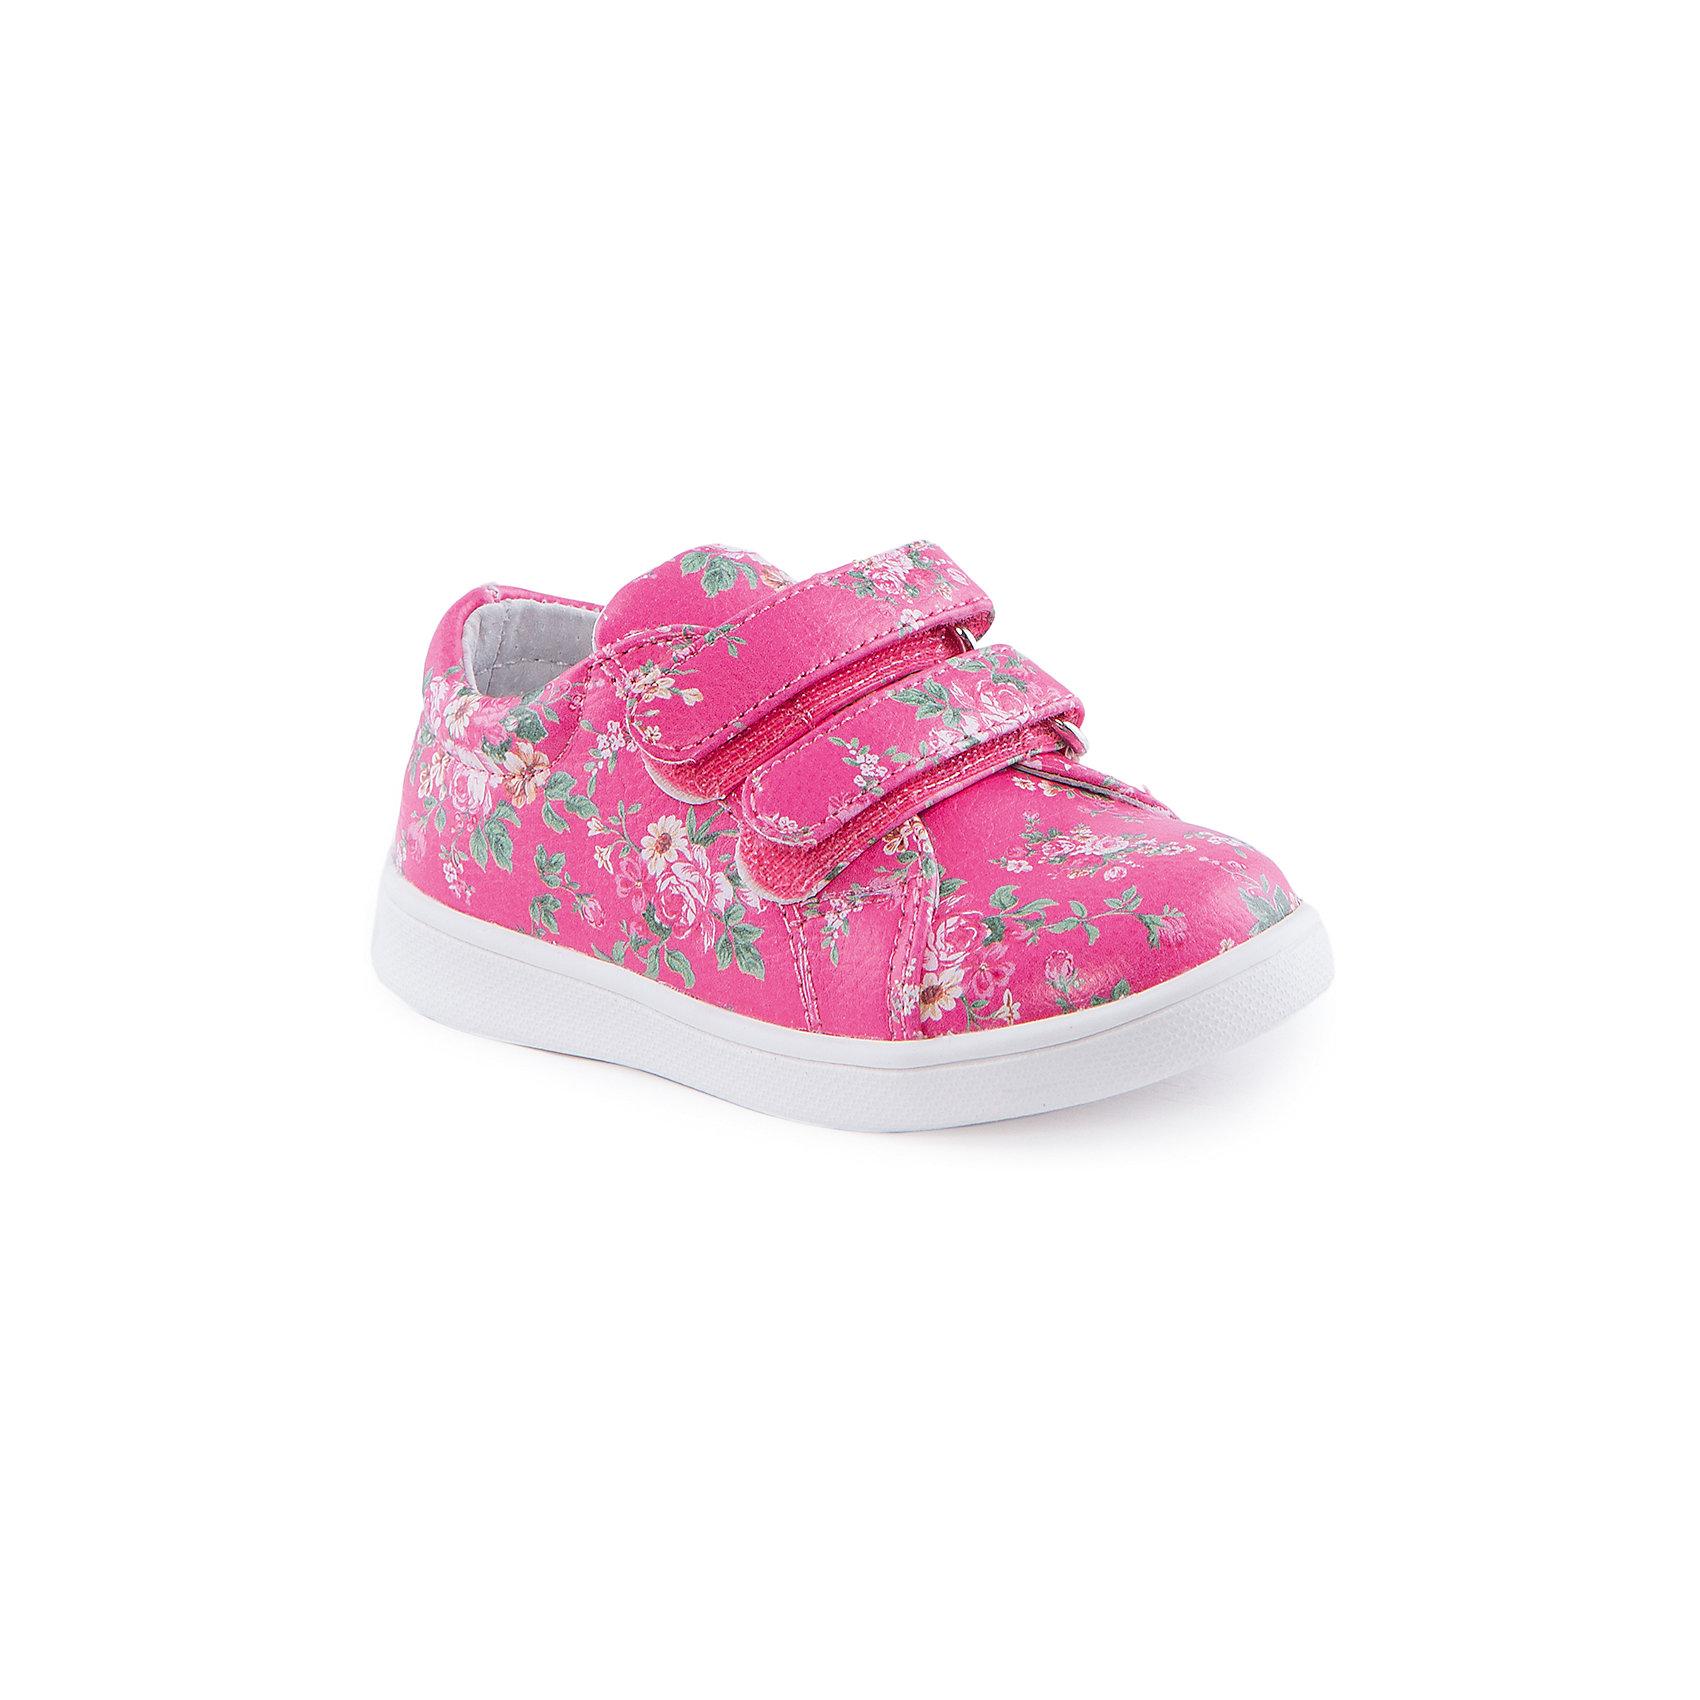 Кроссовки для девочки Indigo kidsБотинки для девочки от известного бренда Indigo kids<br><br>Очень красивые оригинальные ботинки могут быть и очень удобными! Яркий цветочный принт делает эту модель стильной и привлекающей внимание. Ботинки легко надеваются благодаря липучкам и комфортно садятся по ноге. <br><br>Особенности модели:<br><br>- цвет - розовый;<br>- стильный дизайн;<br>- удобная колодка;<br>- натуральная кожаная подкладка;<br>- украшены цветочным принтом;<br>- устойчивая белая подошва;<br>- застежки: липучки.<br><br>Дополнительная информация:<br><br>Состав:<br><br>верх – искусственная кожа;<br>подкладка - натуральная кожа;<br>подошва - ТЭП.<br><br>Ботинки для девочки Indigo kids (Индиго Кидс) можно купить в нашем магазине.<br><br>Ширина мм: 262<br>Глубина мм: 176<br>Высота мм: 97<br>Вес г: 427<br>Цвет: фуксия<br>Возраст от месяцев: 15<br>Возраст до месяцев: 18<br>Пол: Женский<br>Возраст: Детский<br>Размер: 24,23,22,21,26,25<br>SKU: 4519936